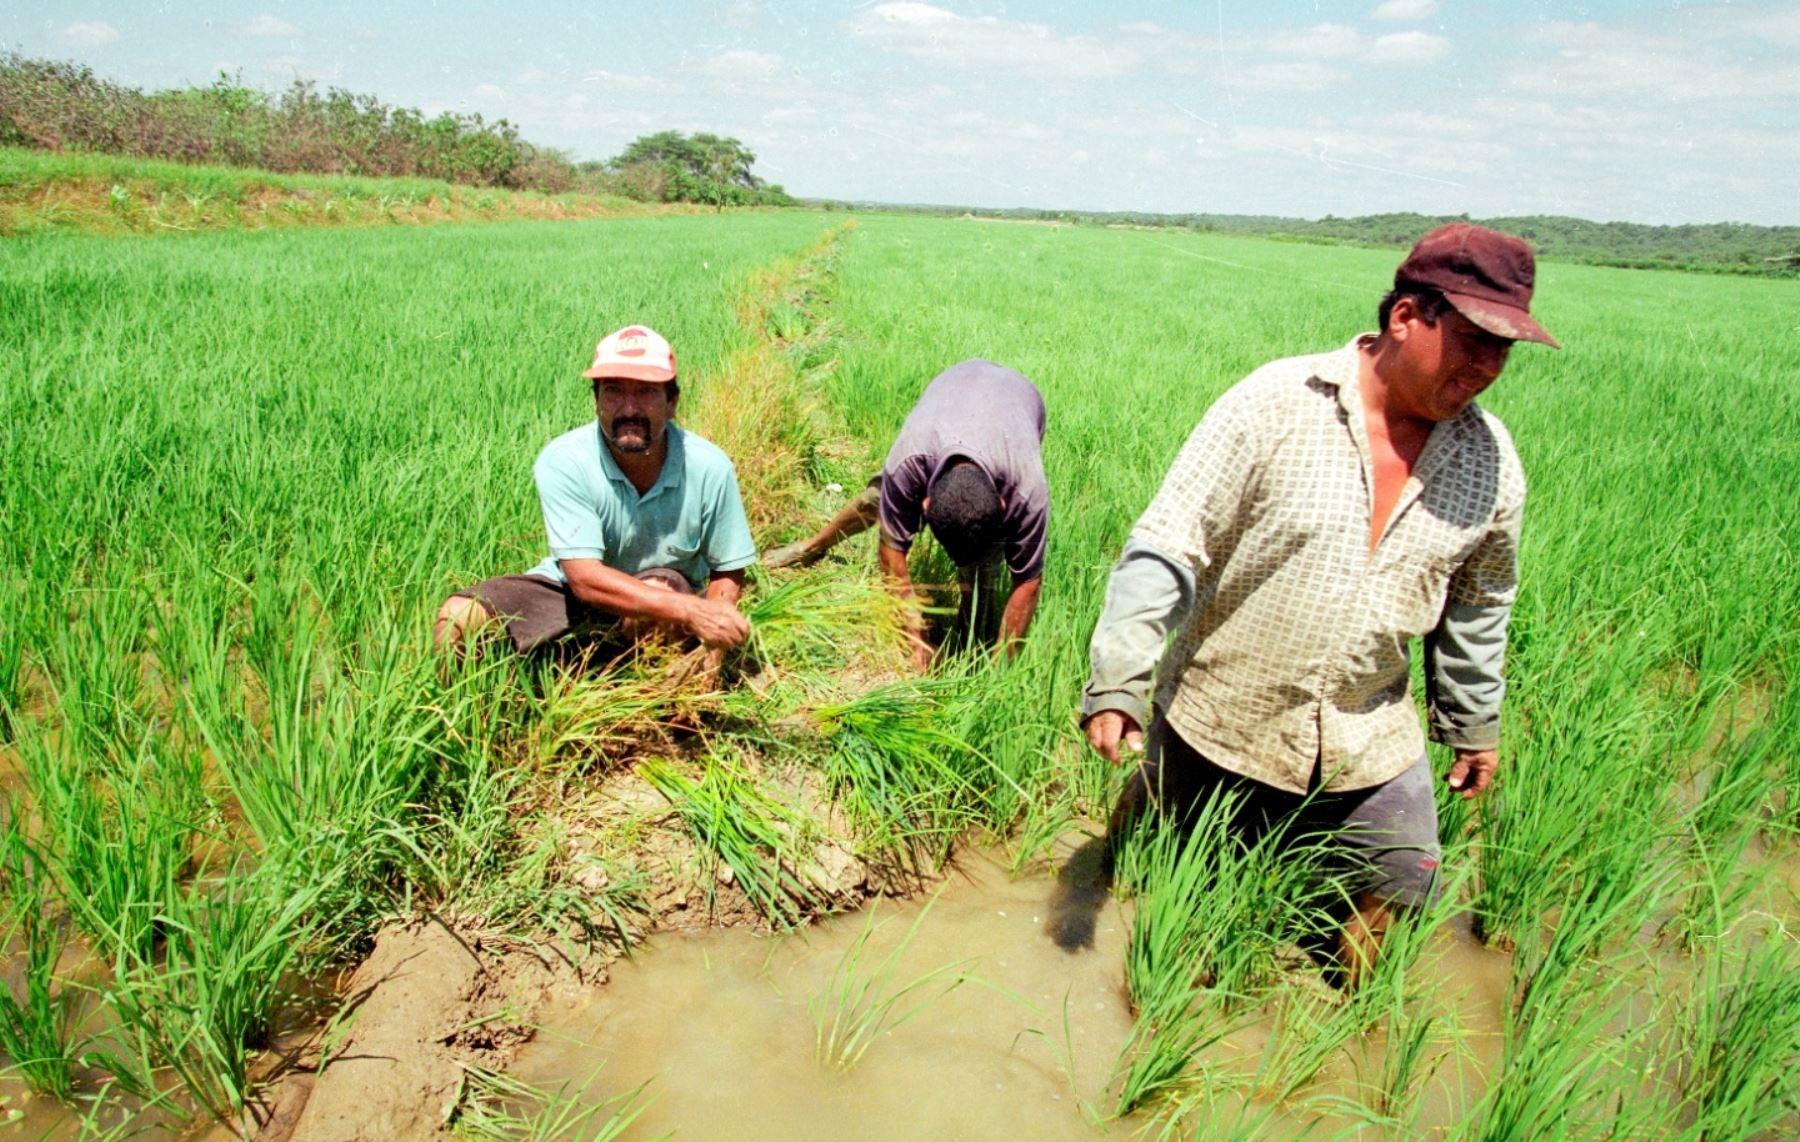 Producción en La zona costera colombiana es apoyada por la FAO y UE